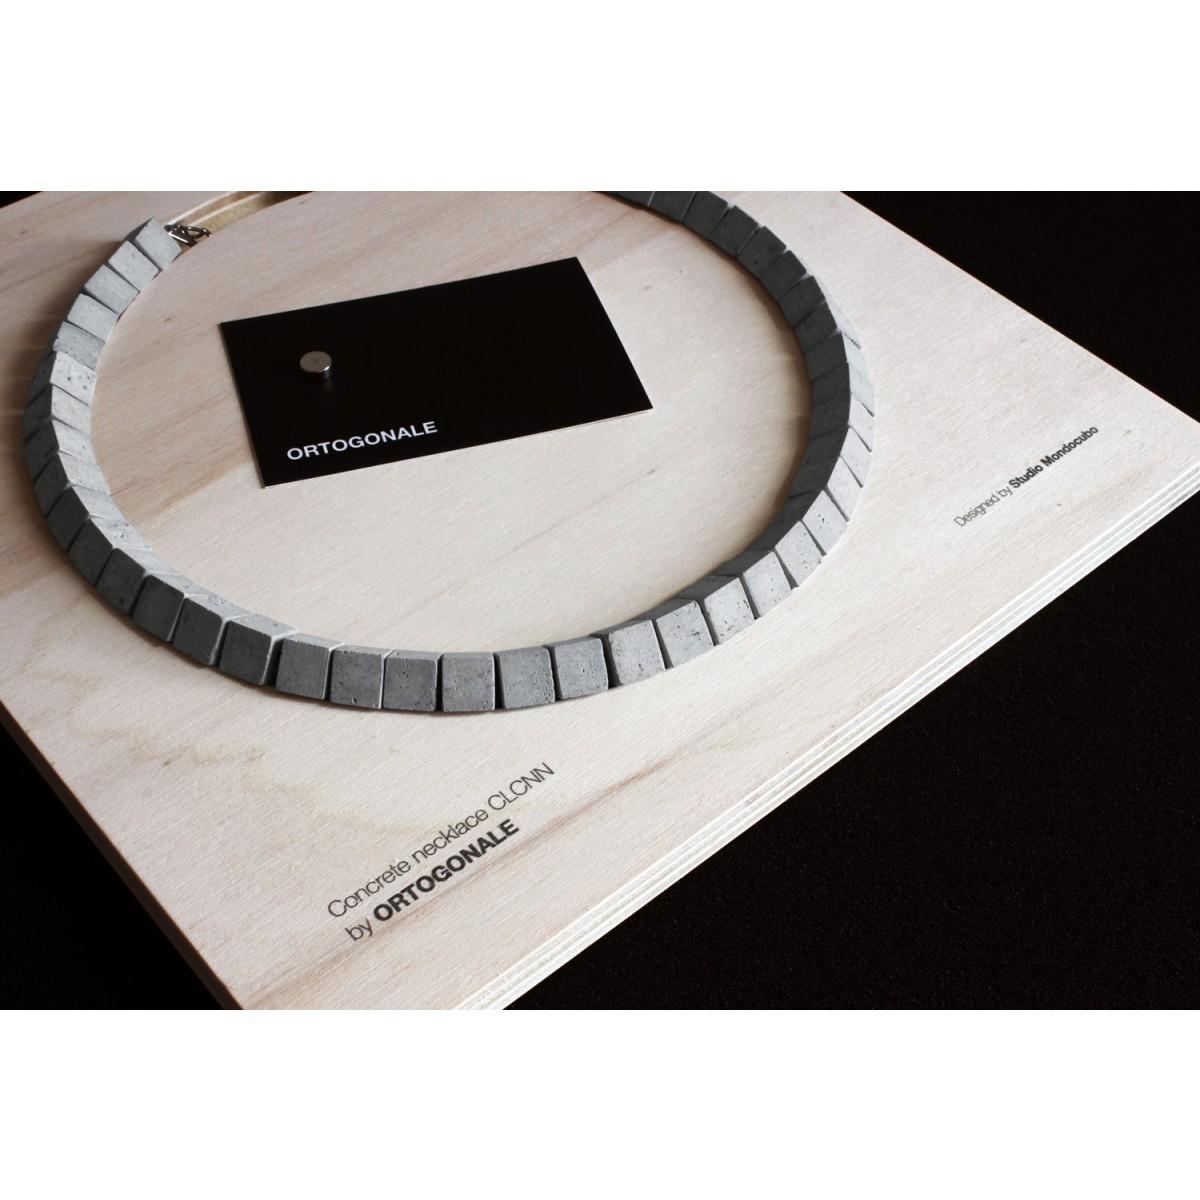 Beton Schmuck, Kette, Moderne Halskette, Minimalistischer Schmuck aus Beton by ORTOGONALE